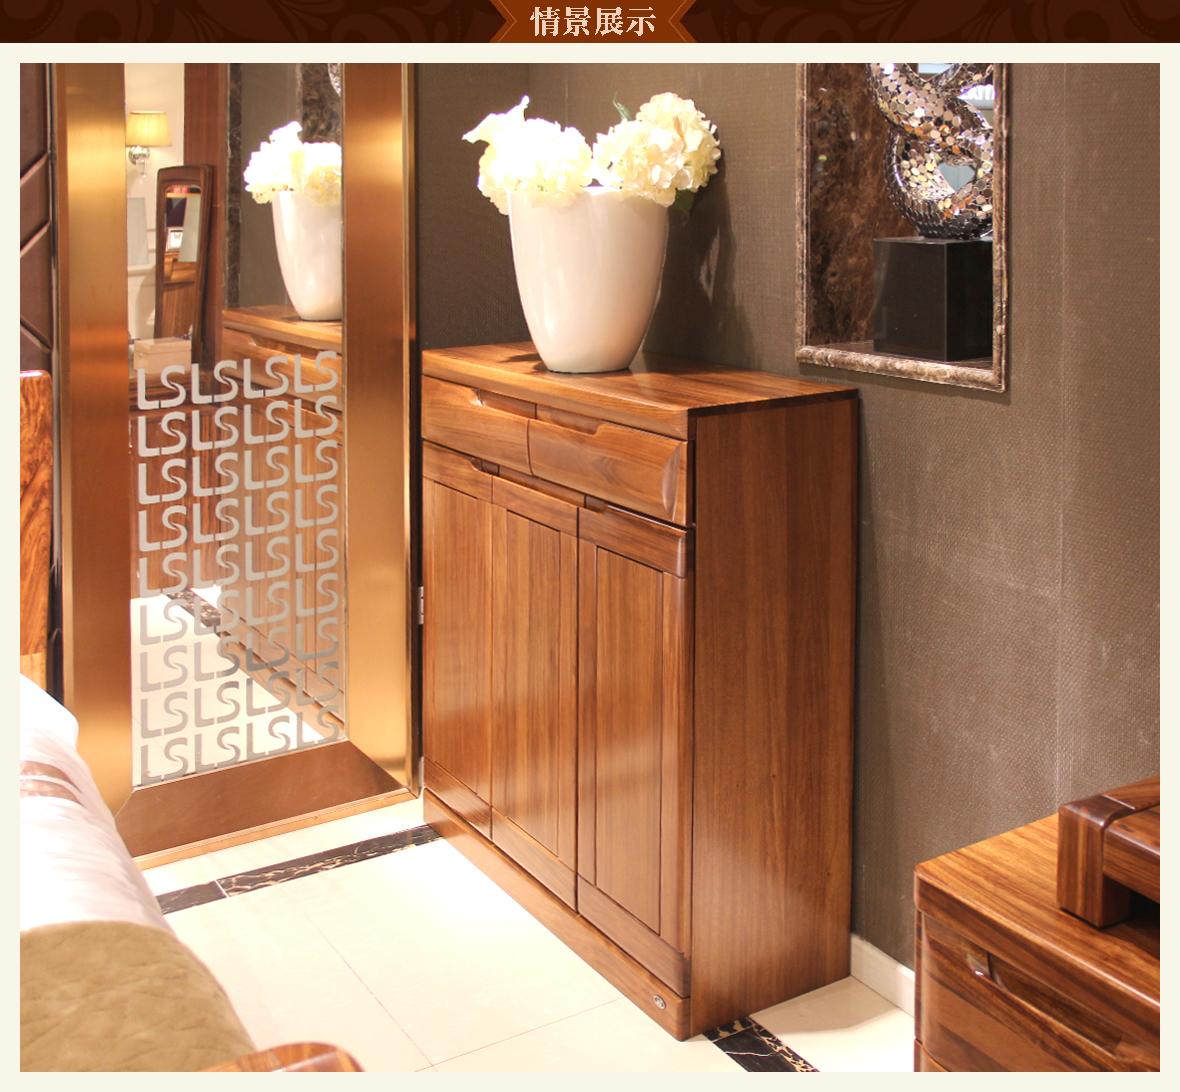 赖氏家具 乌金木鞋柜wjs03型号 进口实木 现代简约风格